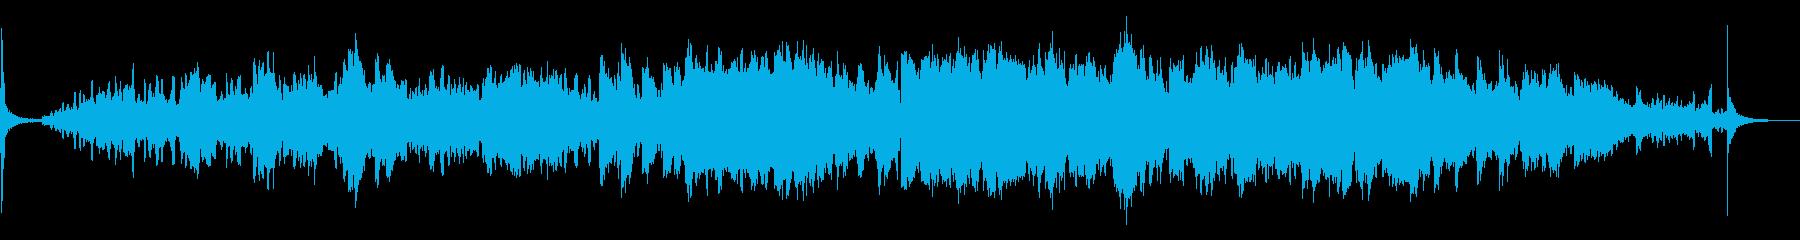 [生演奏]エレピがメインの癒し系楽曲の再生済みの波形